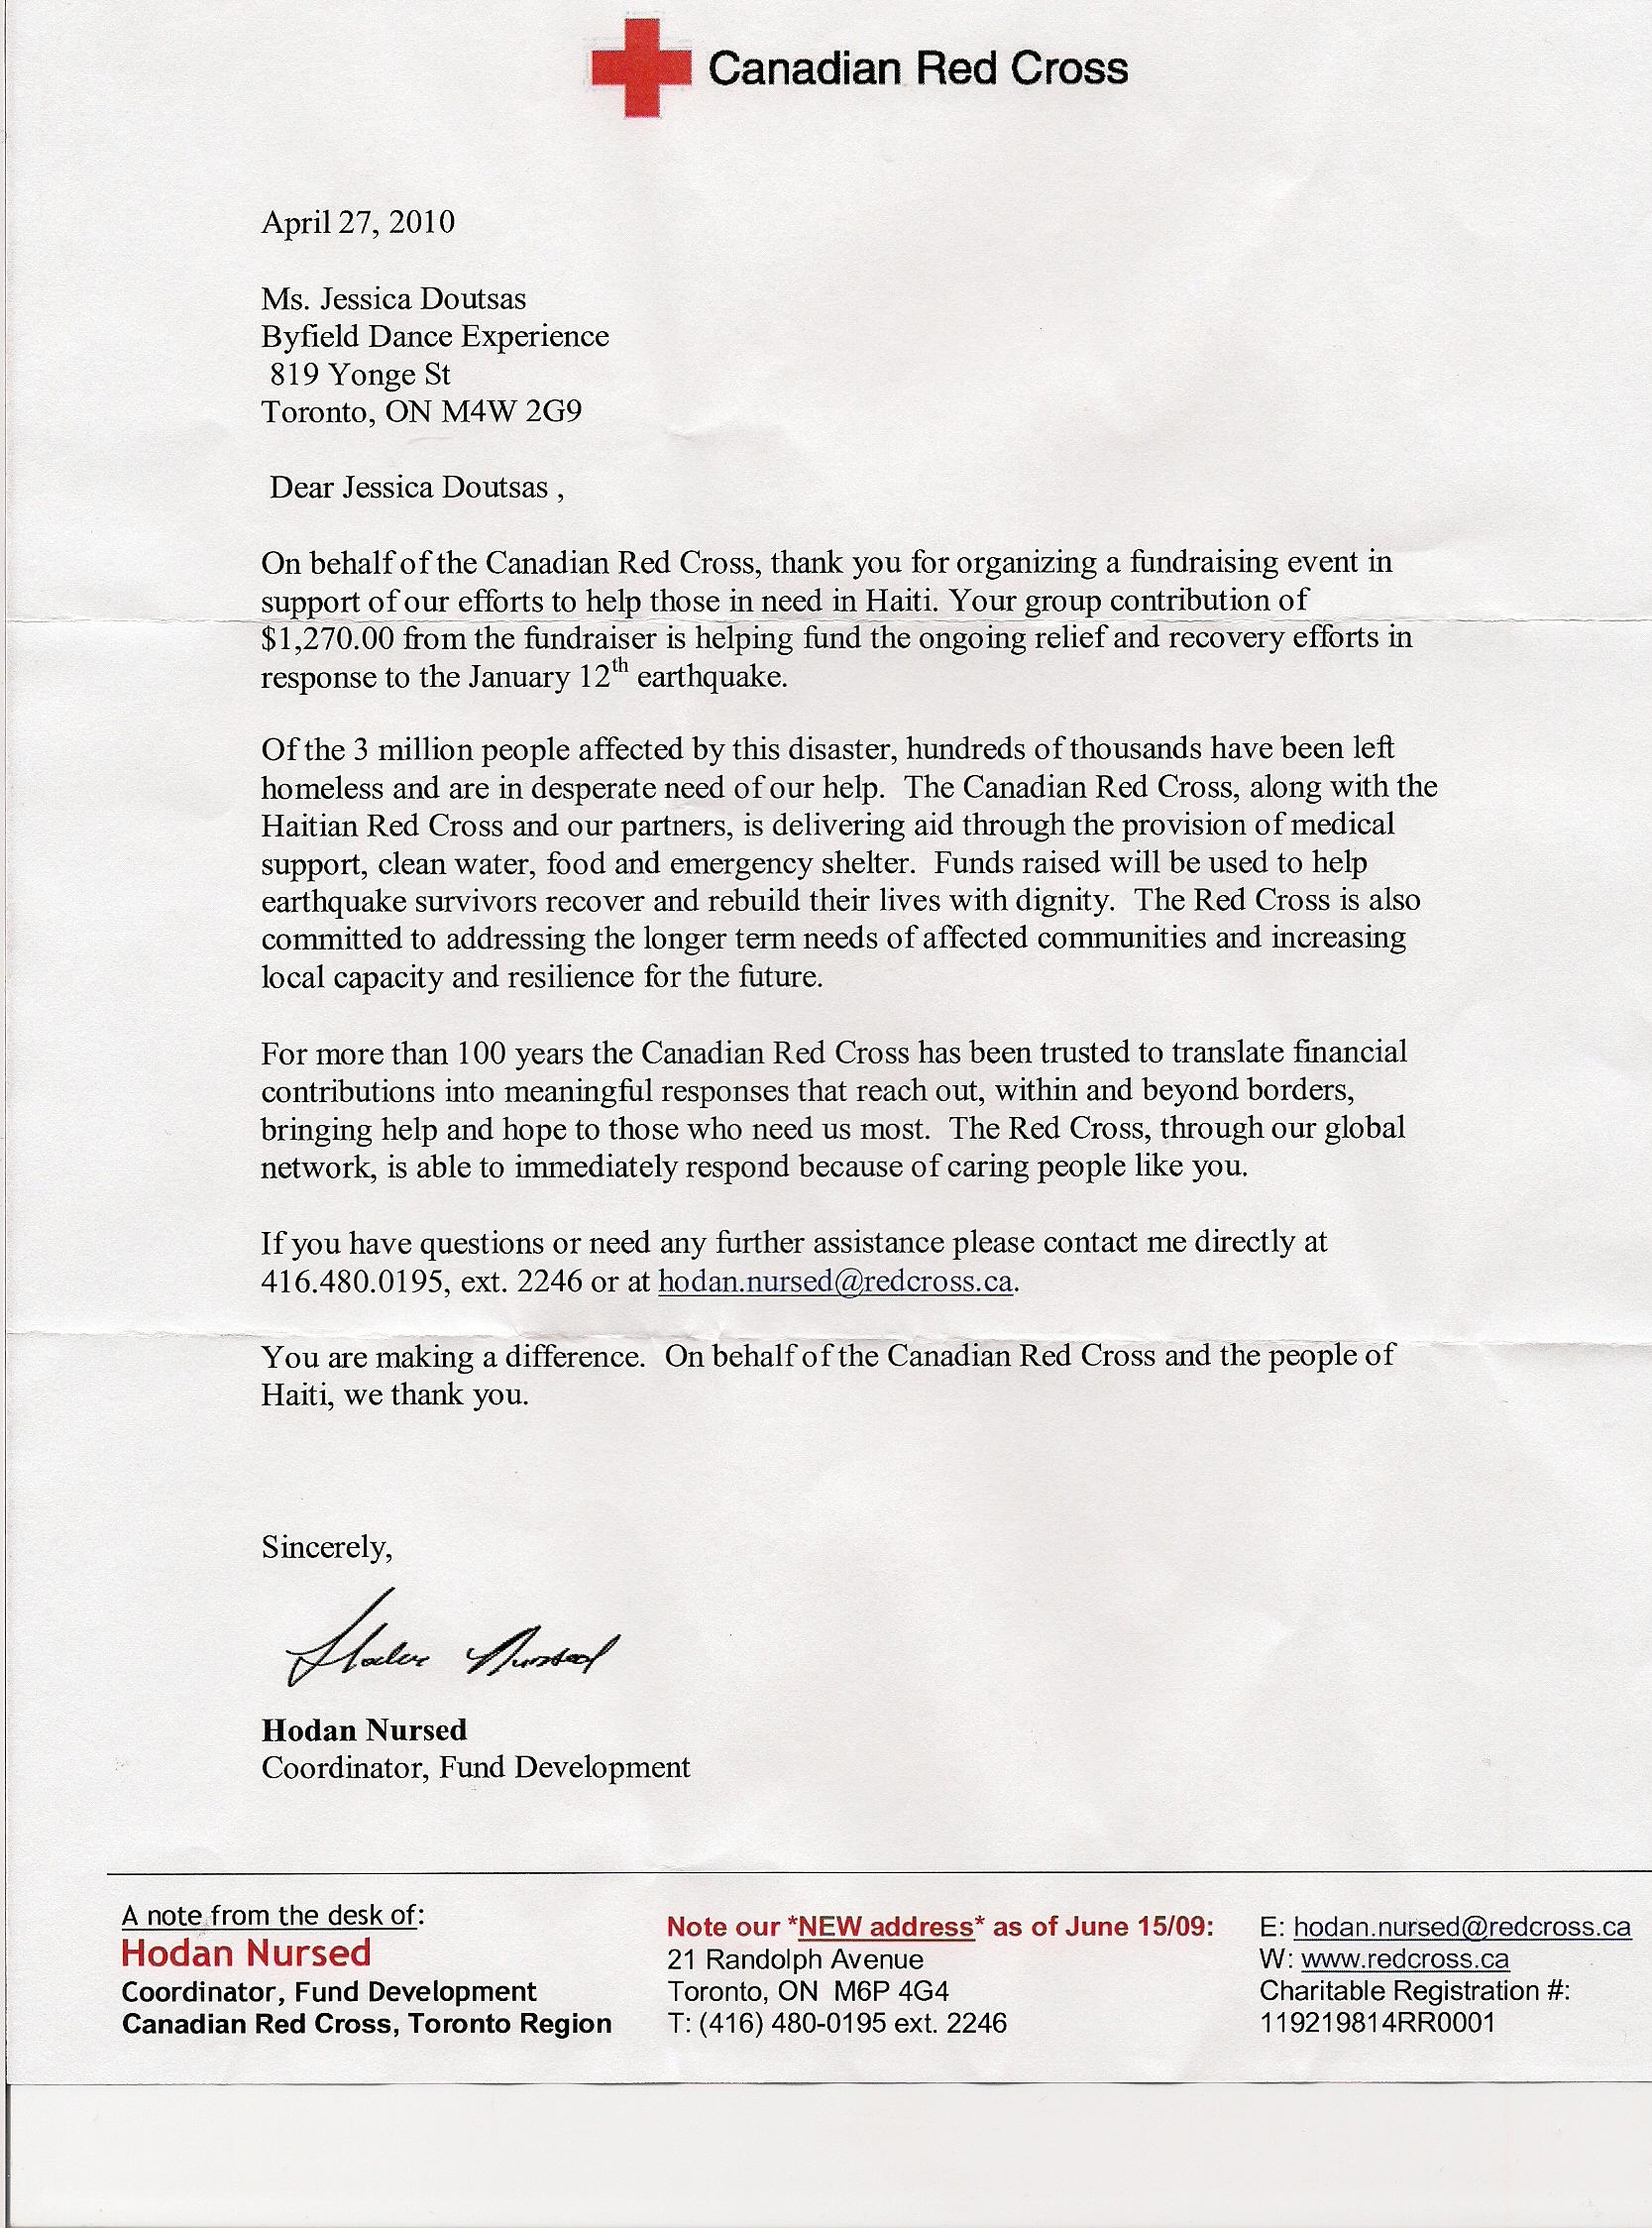 Fundraiser Cover Letter